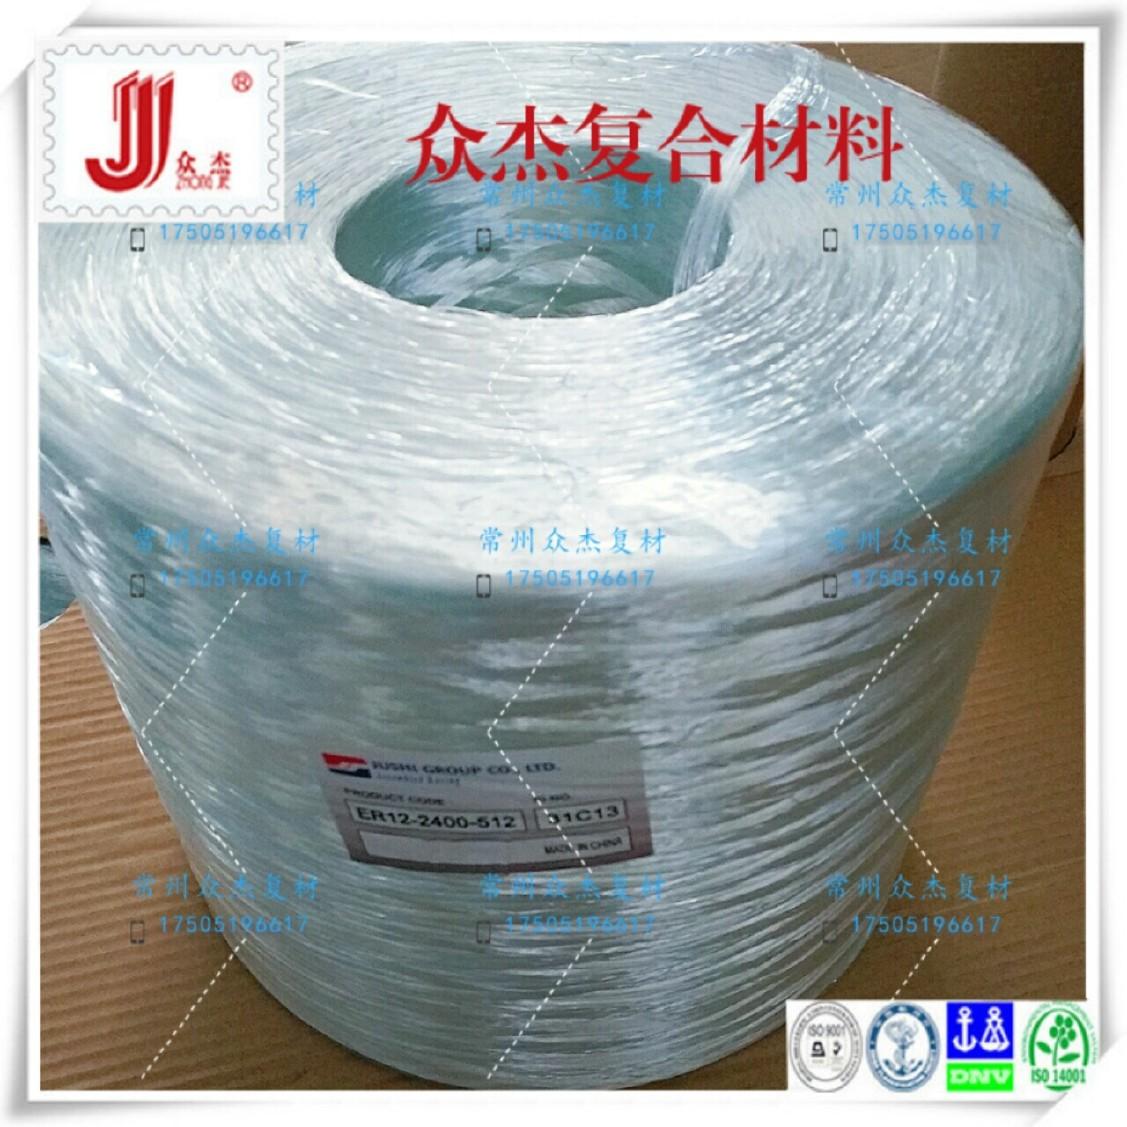 巨石 玻璃纤维ER13-2400-180无碱喷射纱 合股无捻粗图片